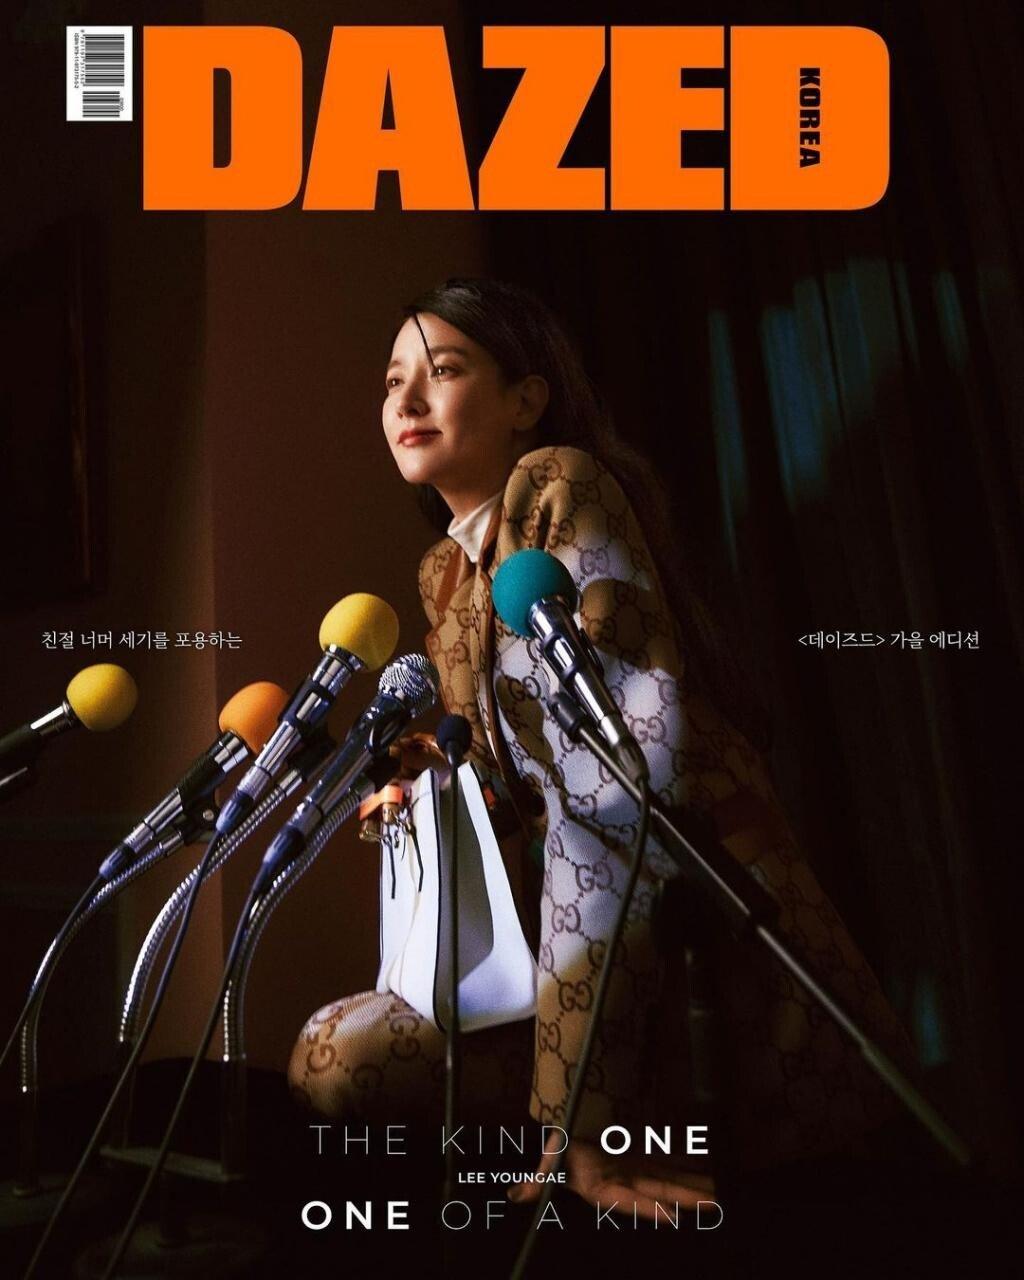 Солонгосын гоо бүсгүй Ли Ян Эйгийн үндэсний эрдэнэсийг хүлээн зөвшөөрдөггүй: үс нь ч гэсэн сонгомол, замыг эвддэг, 180 градусын эмзэглэлд ер бусын өрөвдмөөр байдаг - Фото 11.